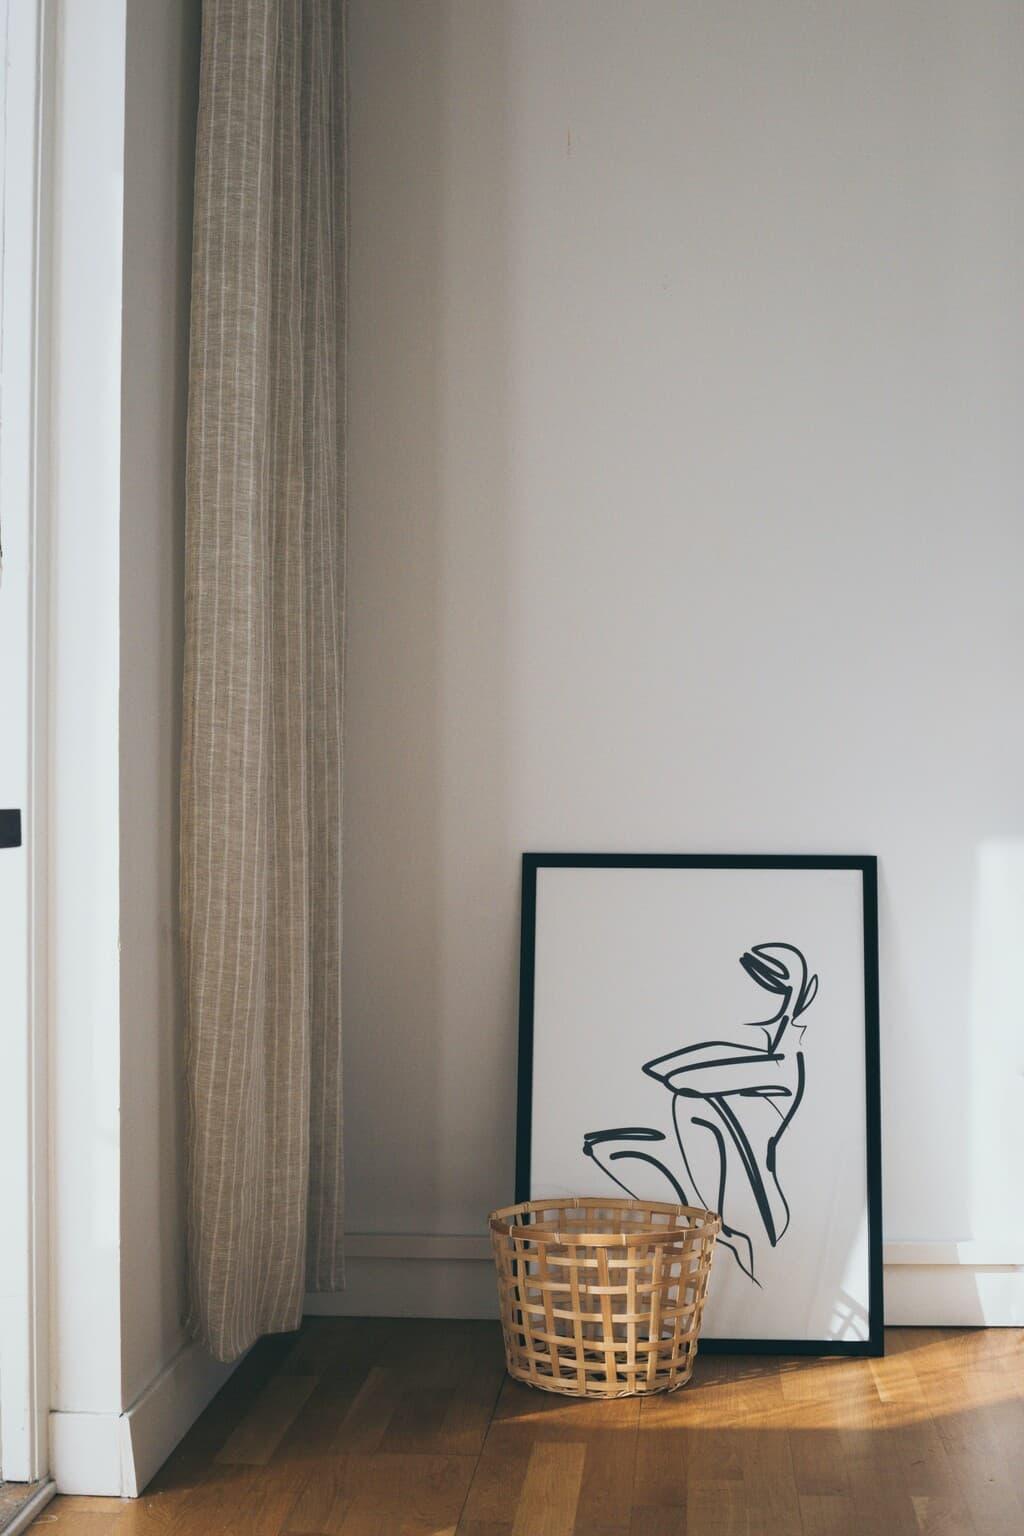 vägg med tavla och korg på golvet